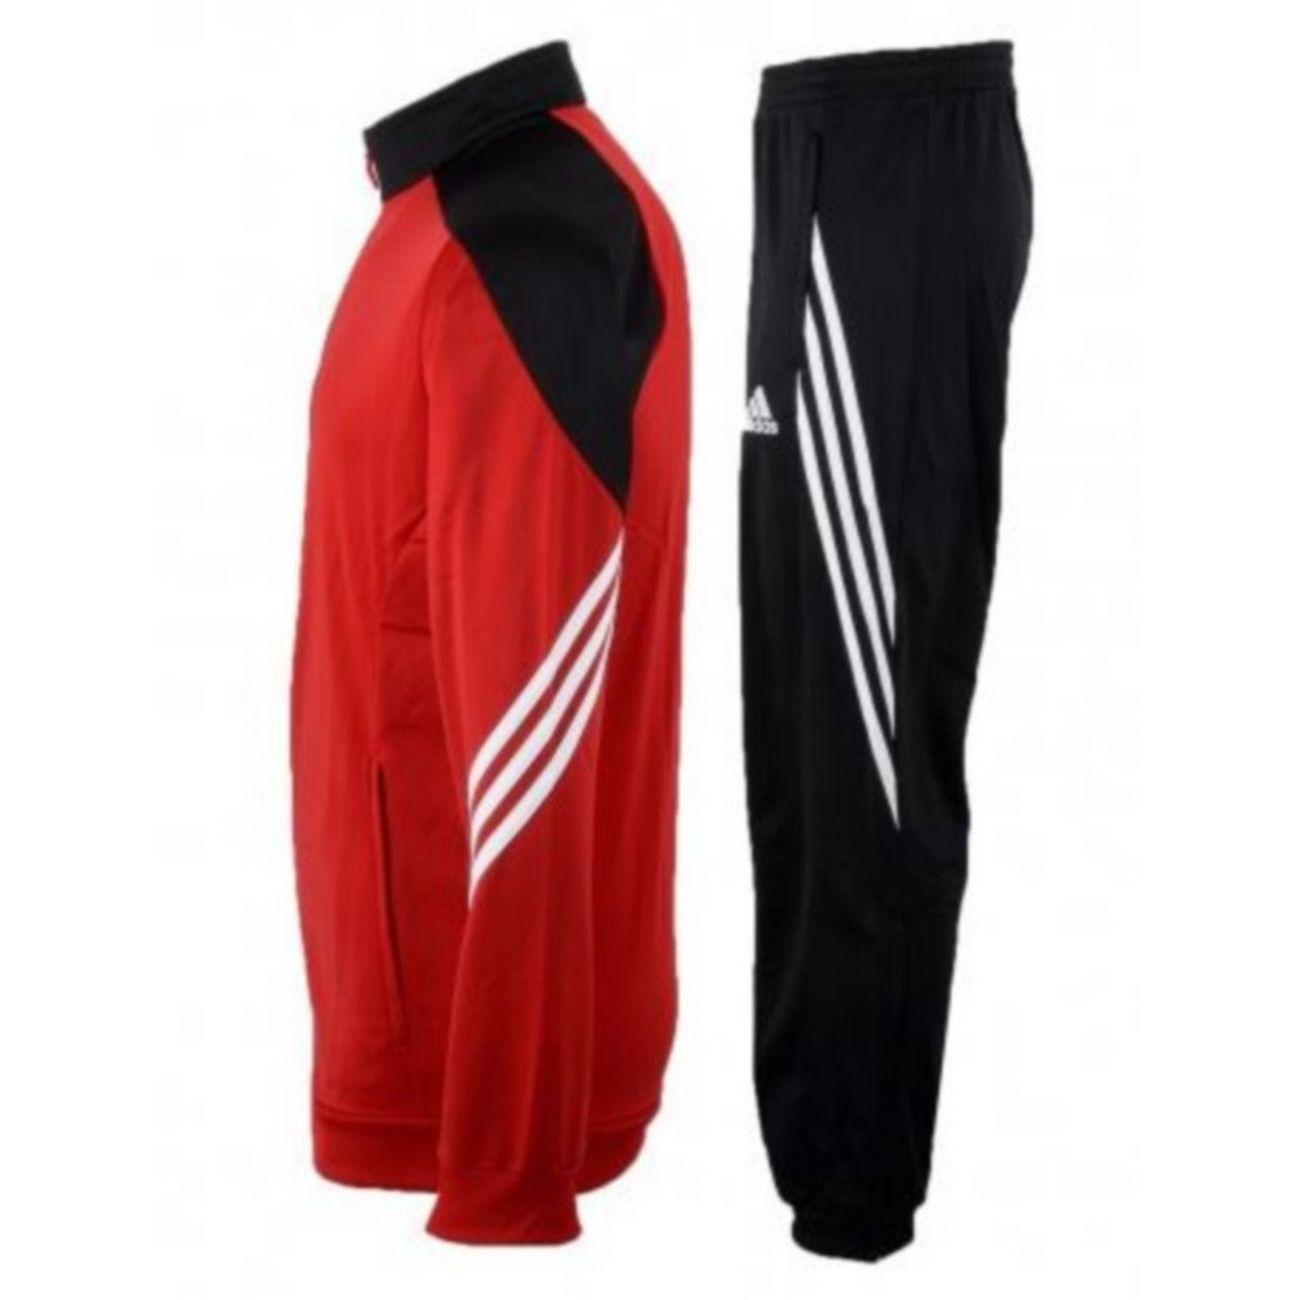 Multiactivité homme ADIDAS PERFORMANCE Jogging Adidas Climalite Noir et Rouge Homme